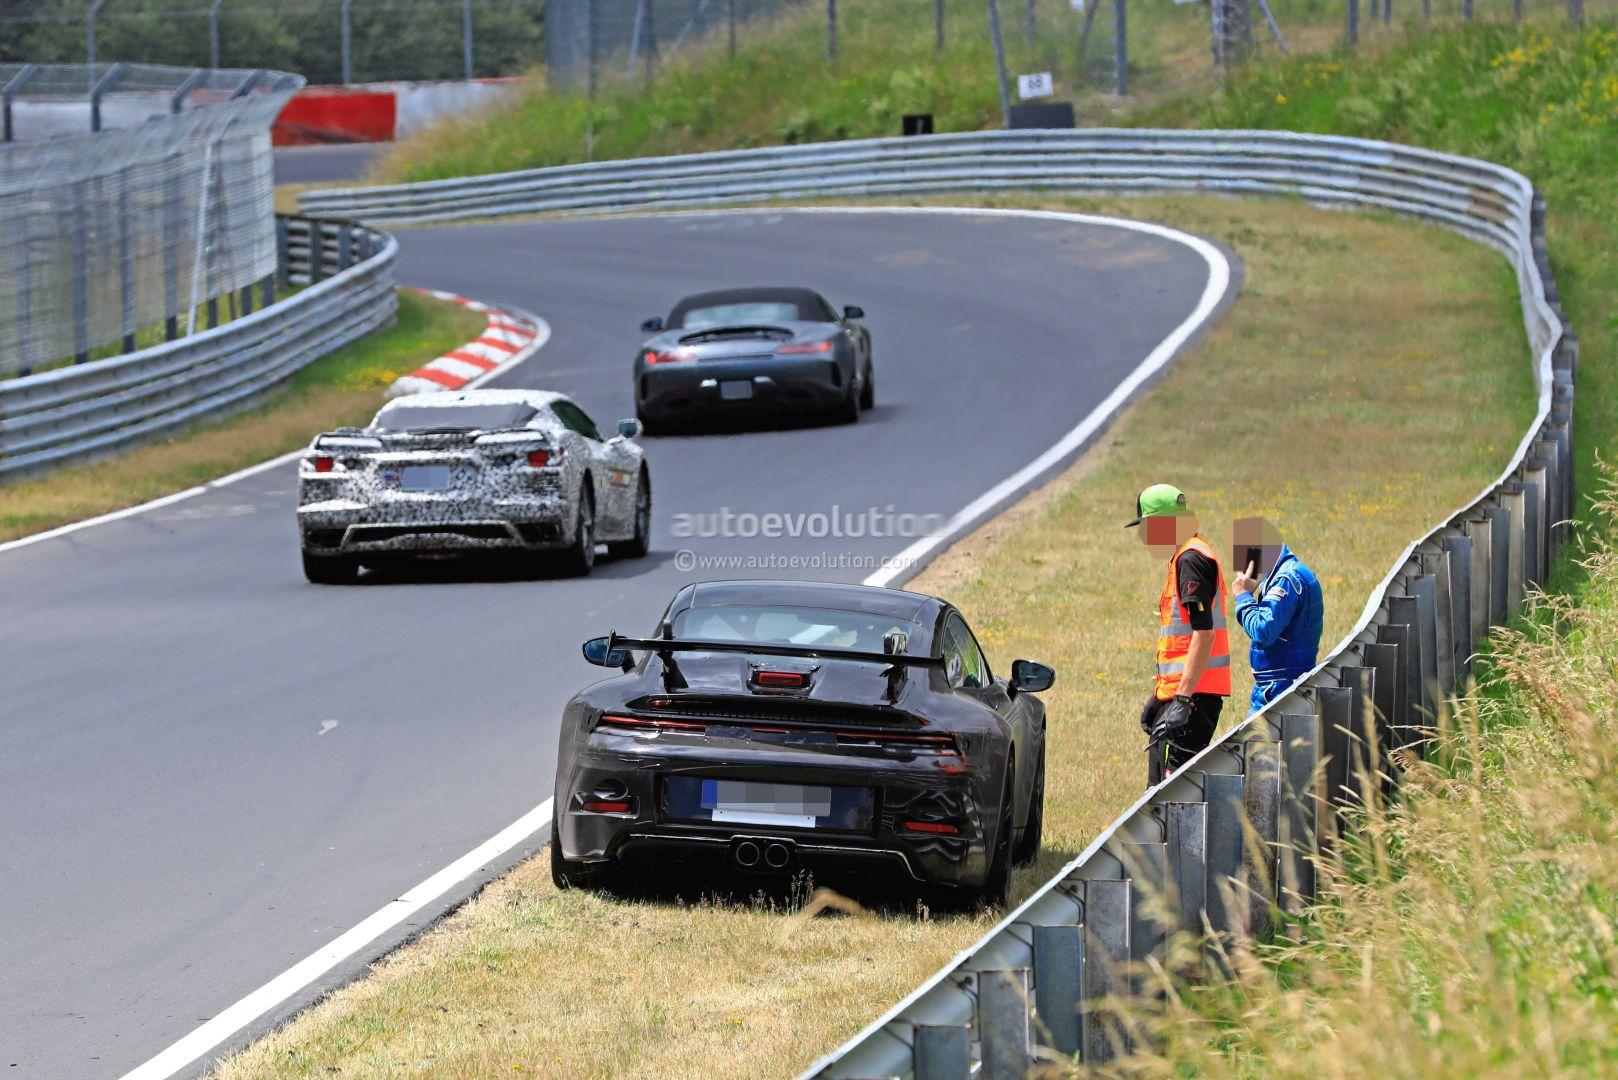 Porsche 911 Gt3 996 With Innotech Exhaust Shooting Flames